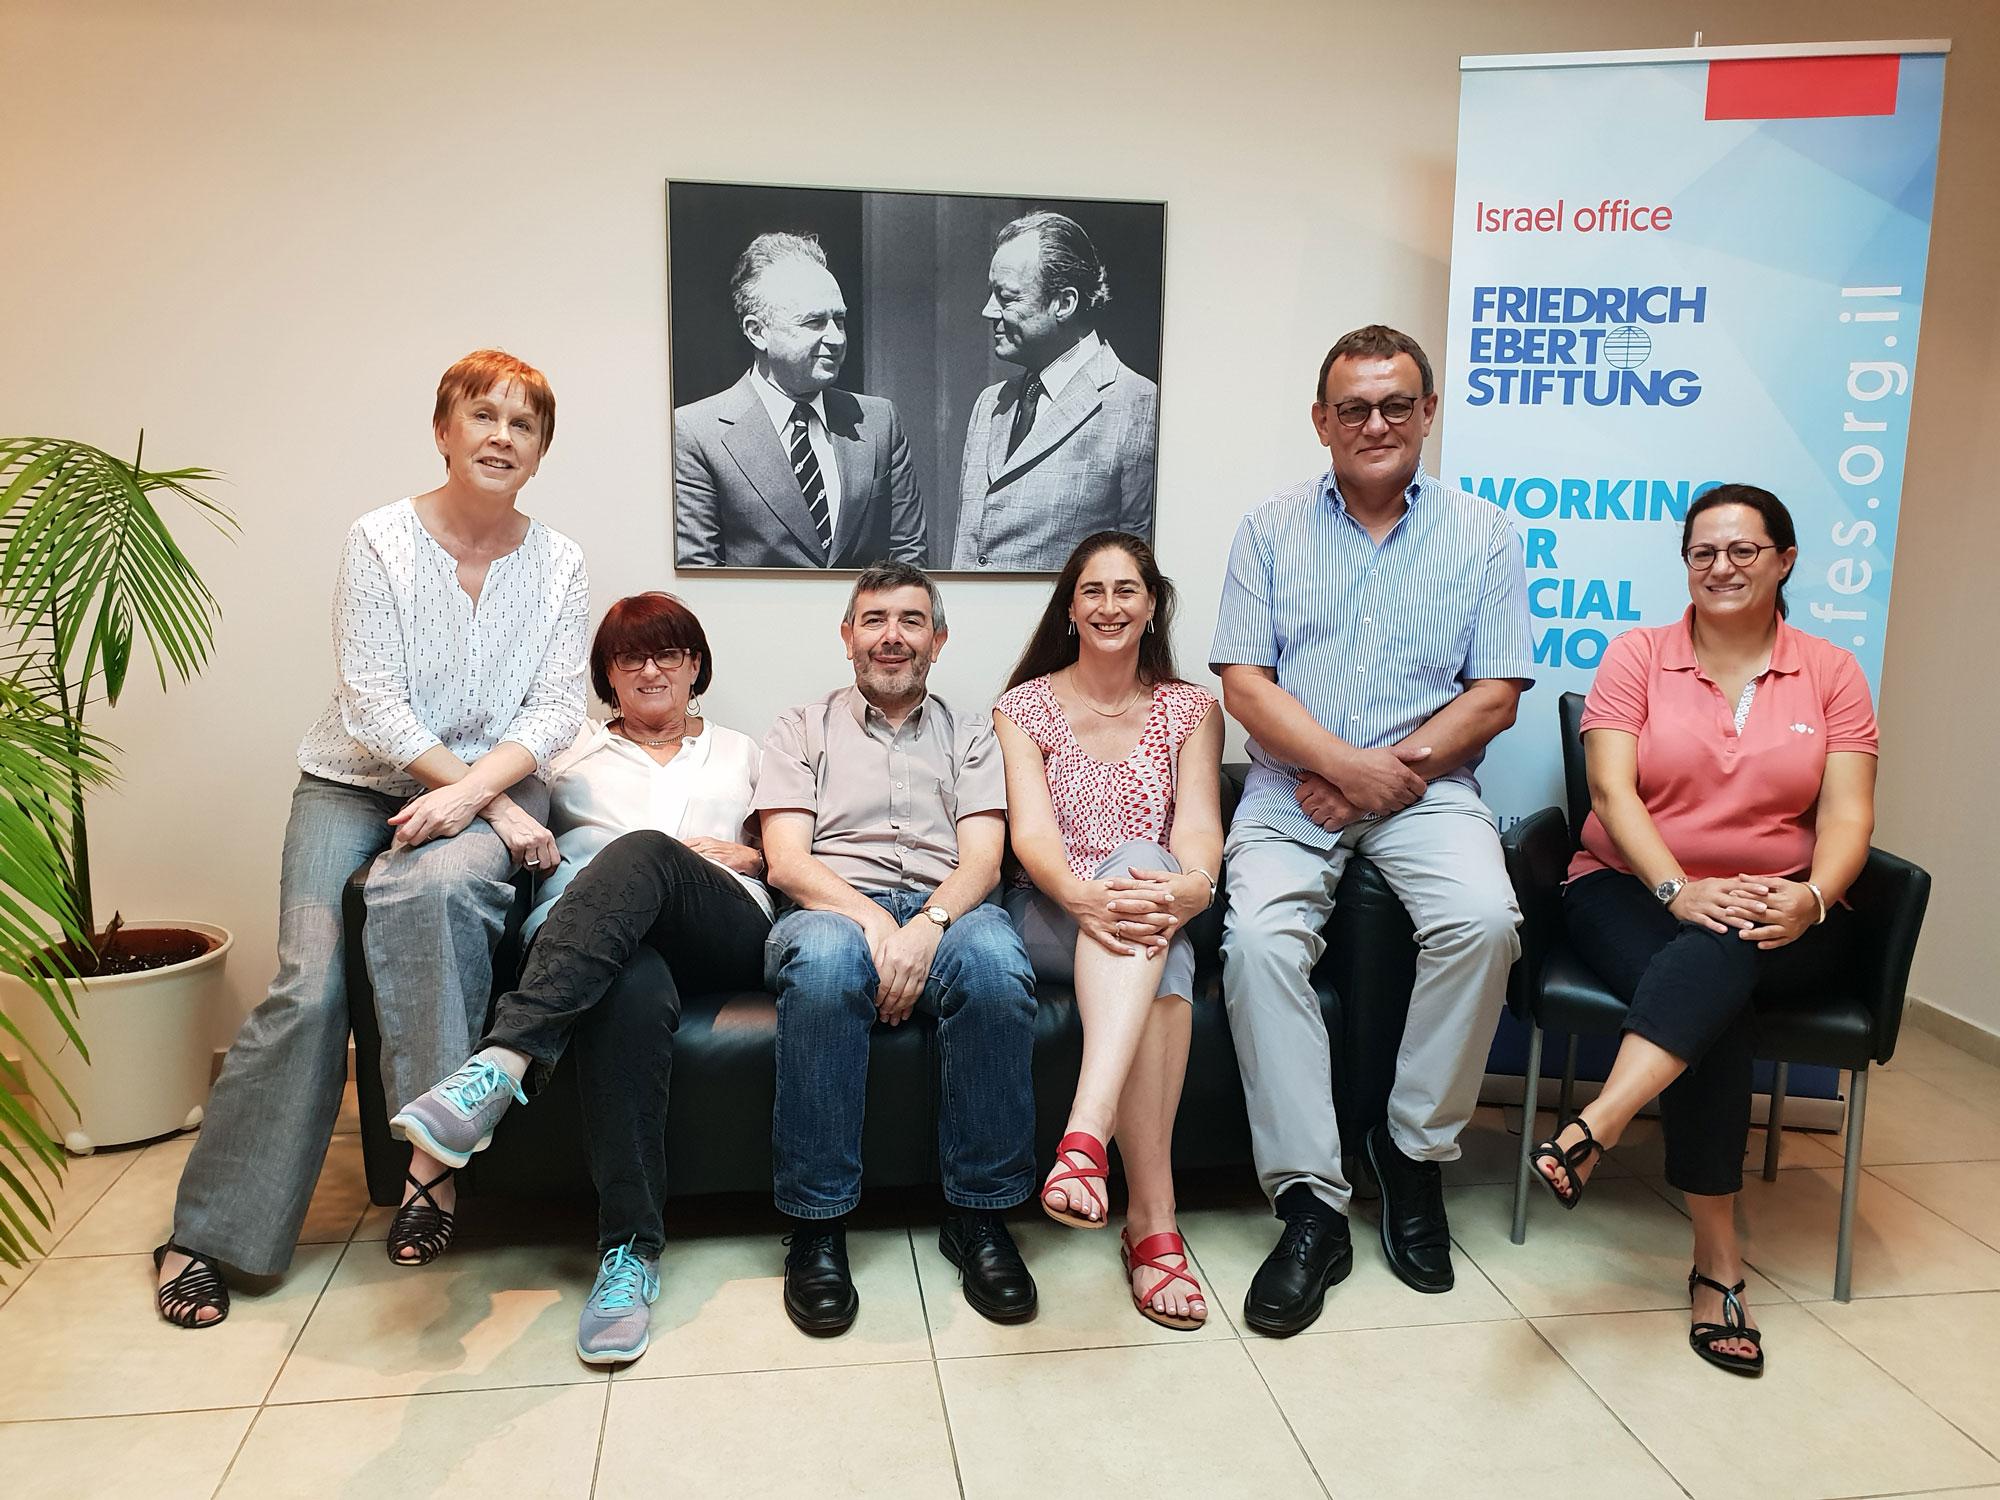 طاقم مؤسسة فريدريش إيبرت ، إسرائيل ، أغسطس 2018